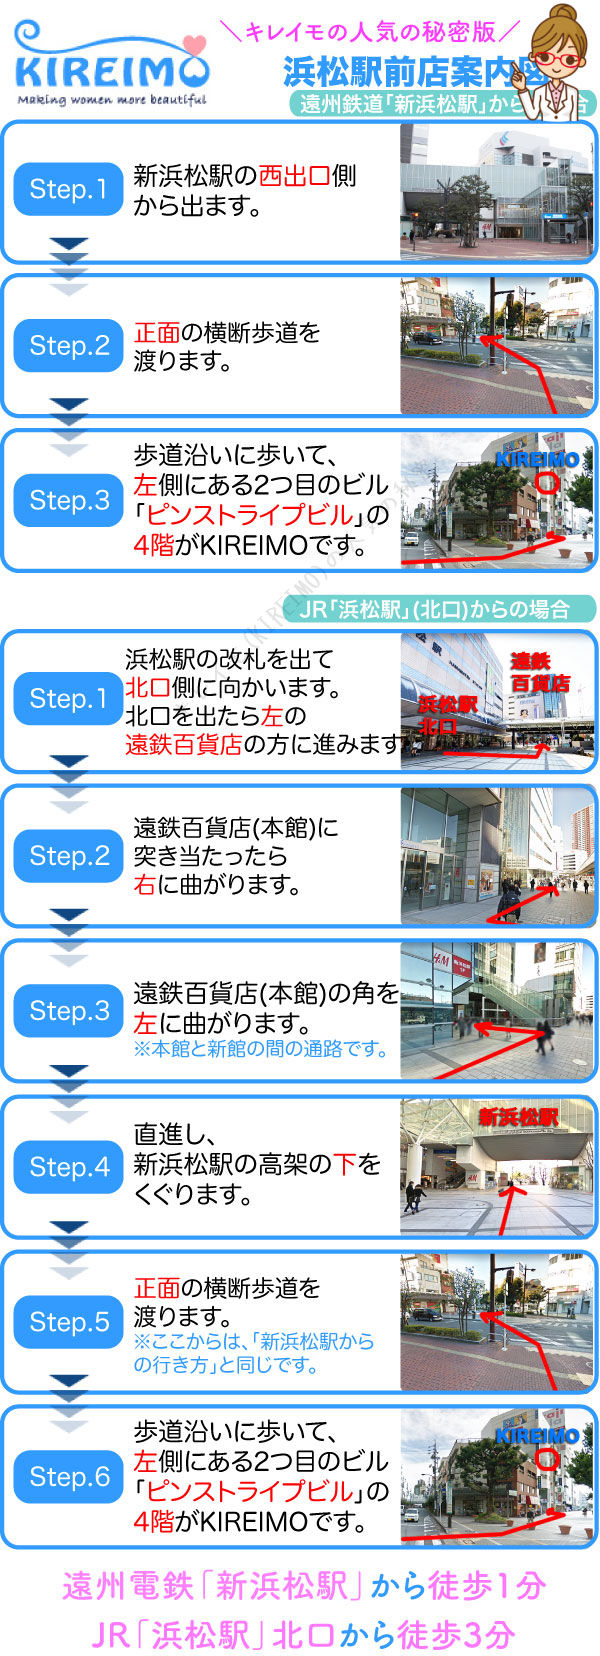 キレイモ浜松駅前店までの行き方